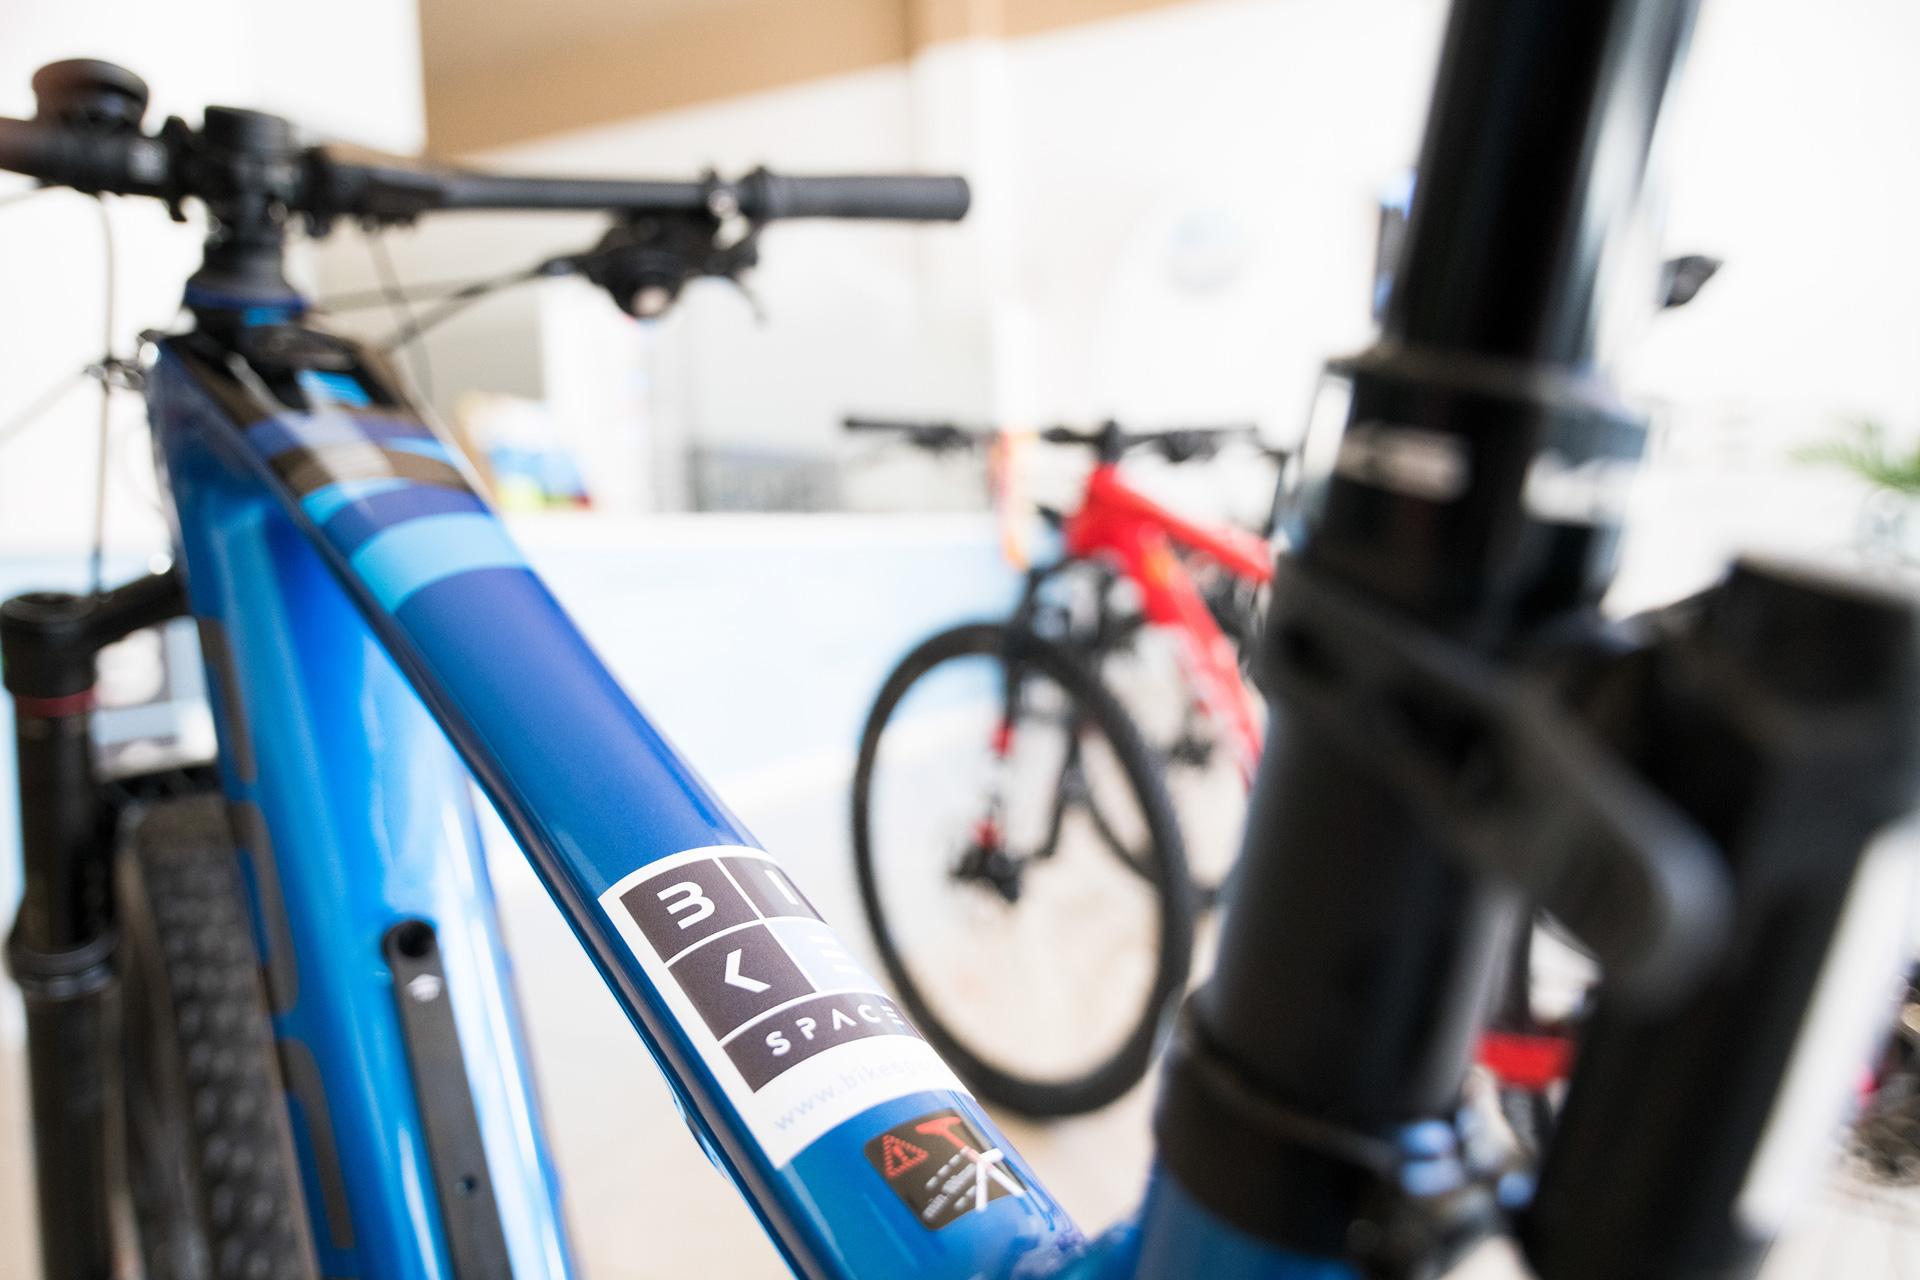 Acquista biciclette e E-Bike a Conversano